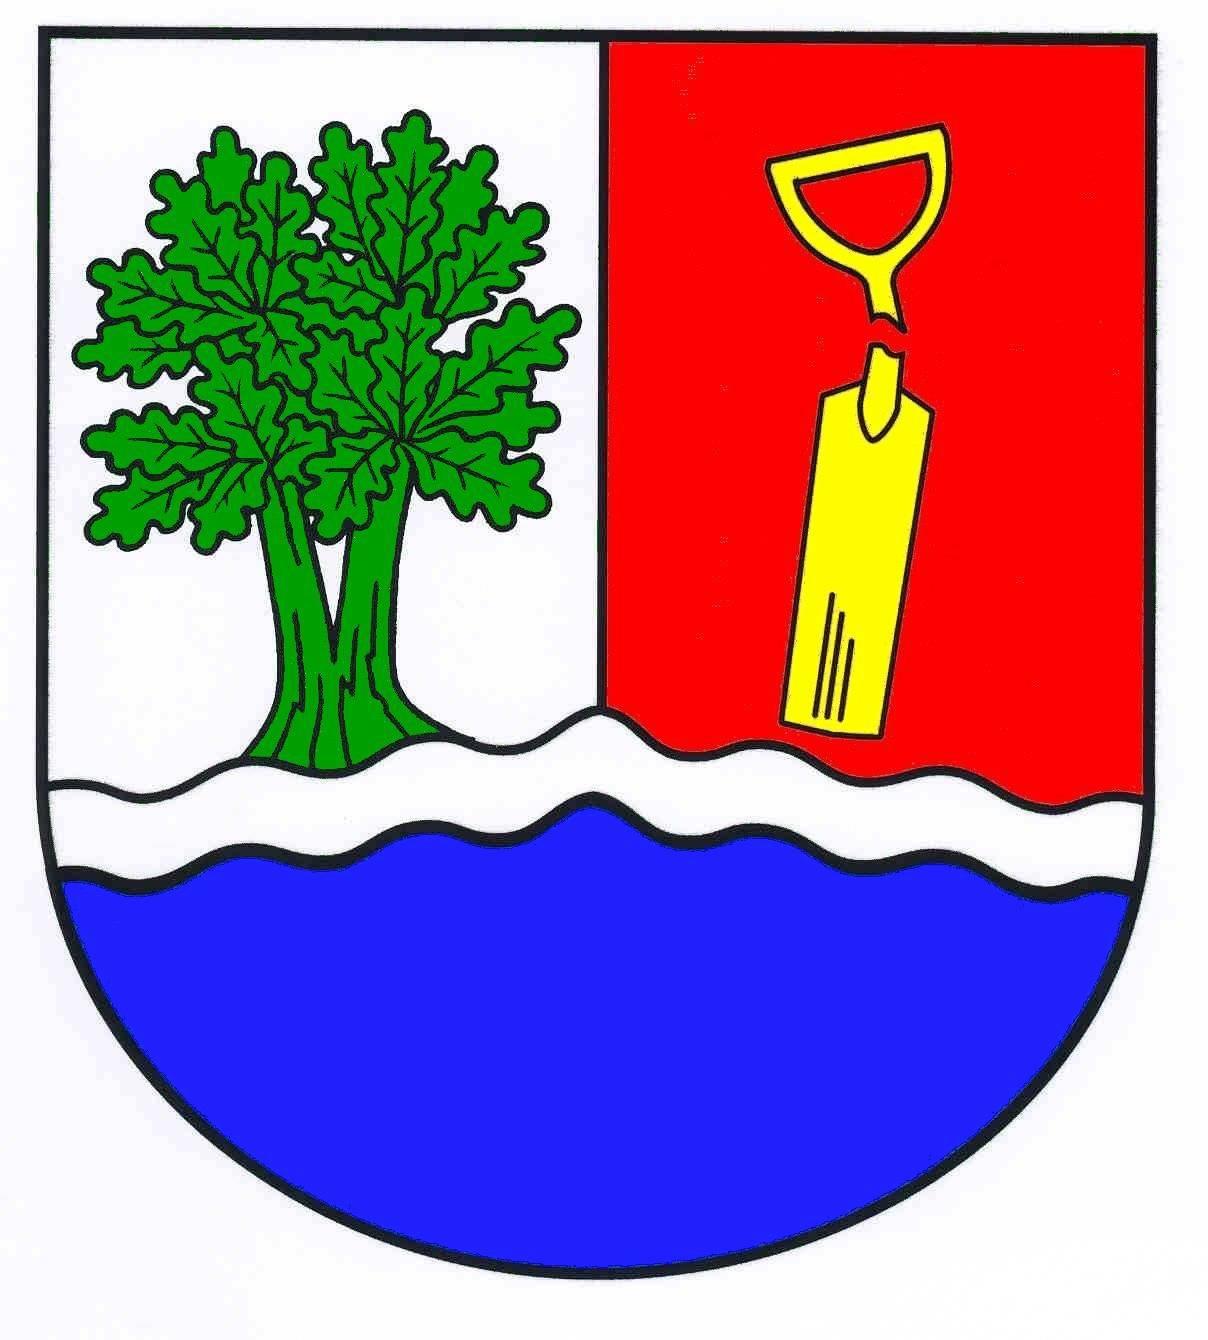 Wappen GemeindeItzstedt, Kreis Segeberg